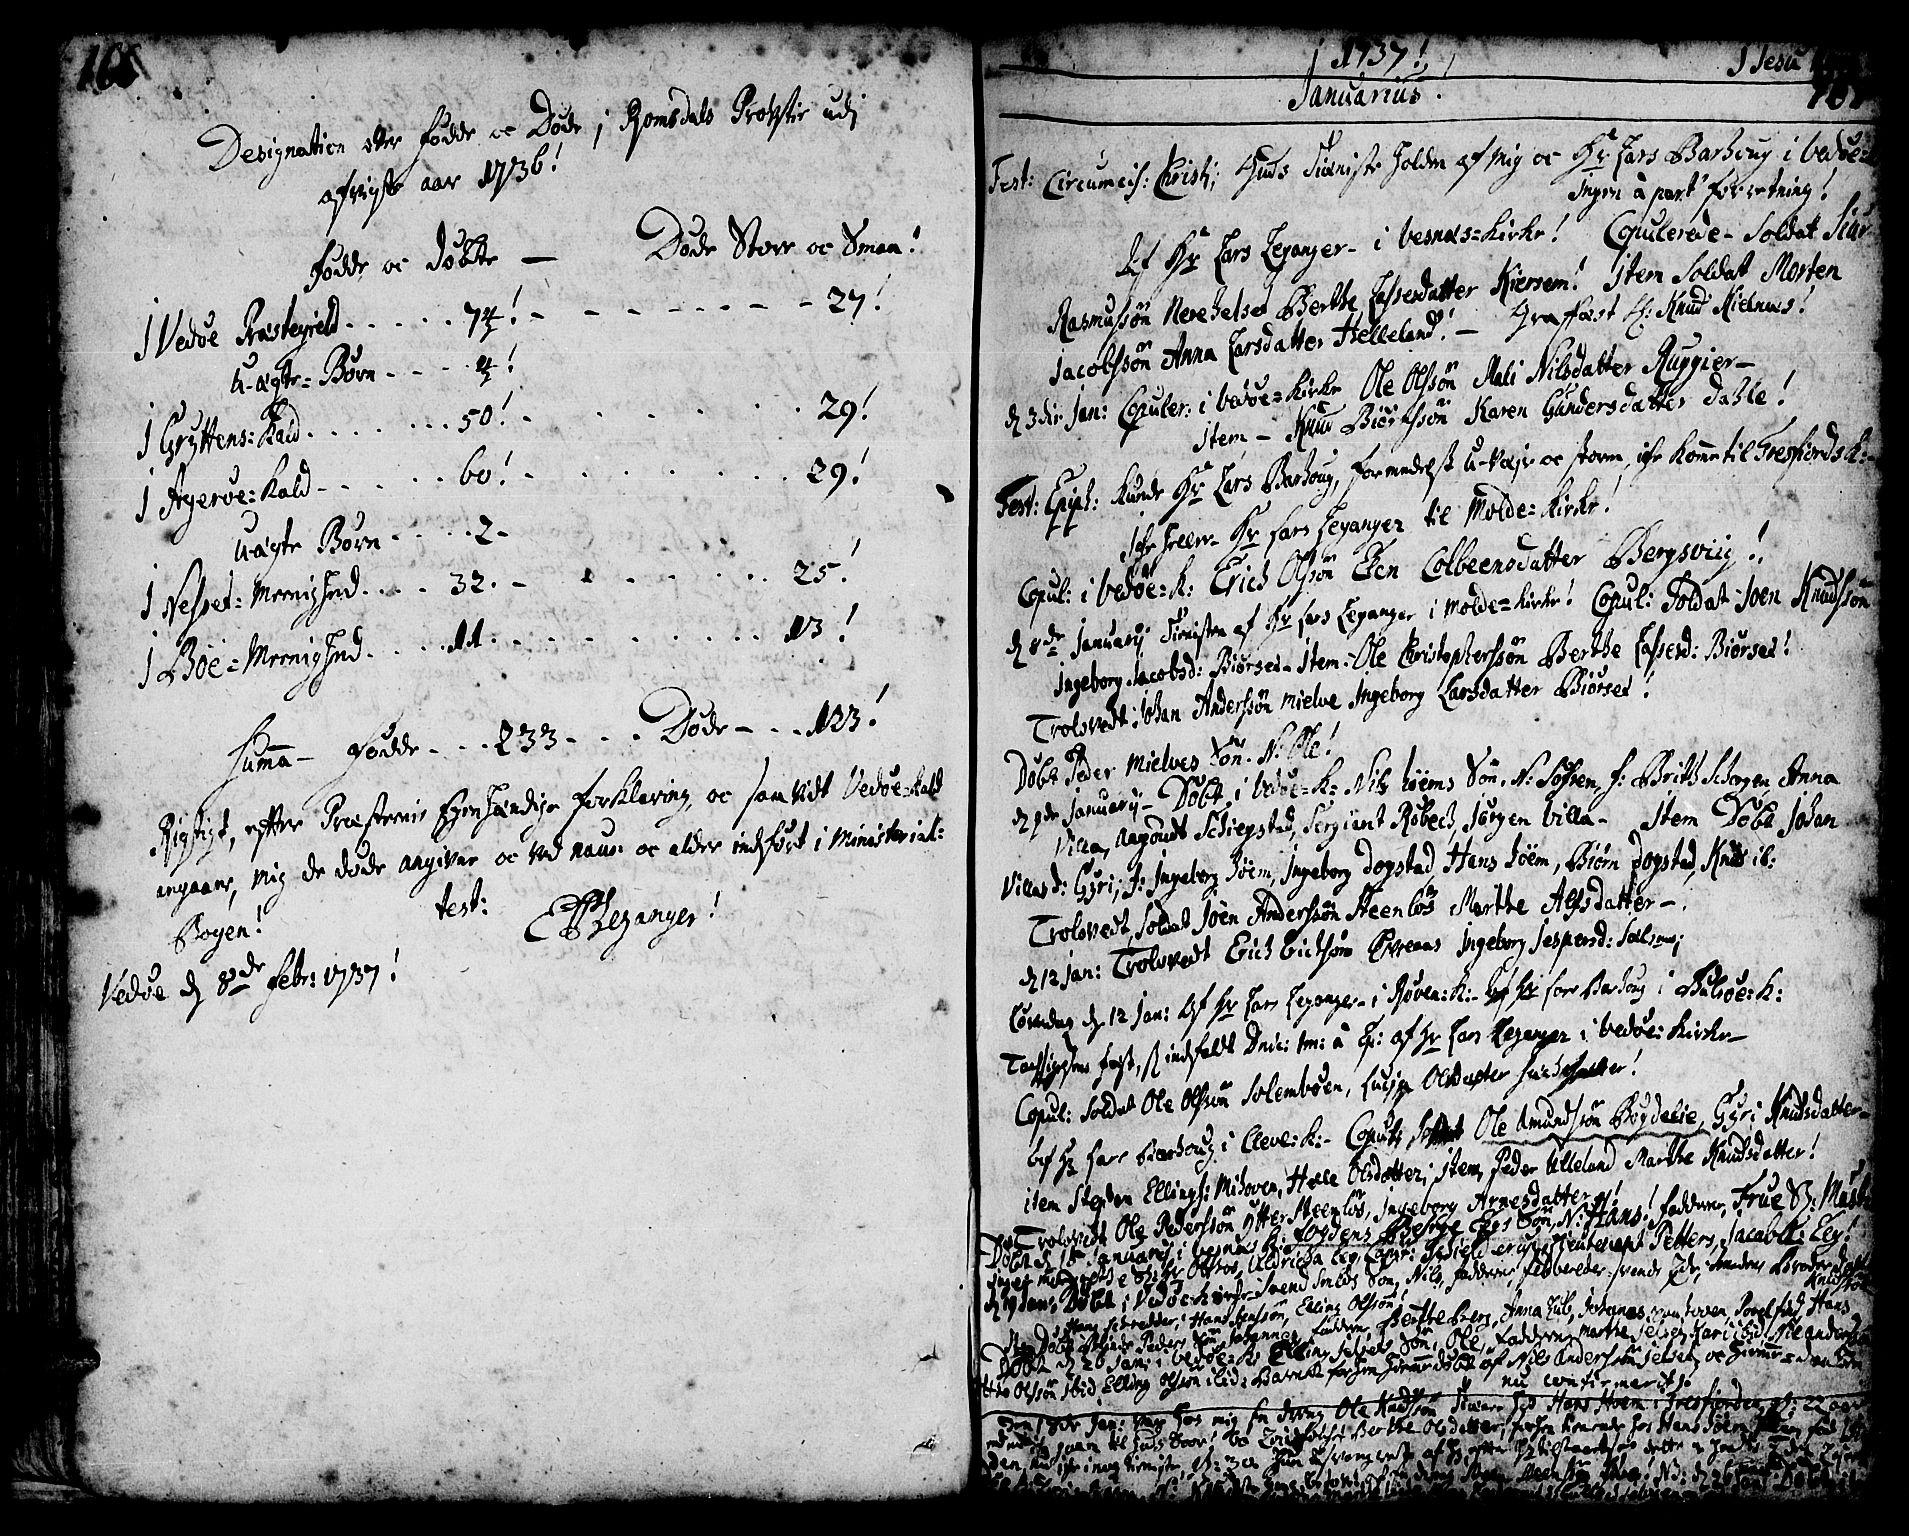 SAT, Ministerialprotokoller, klokkerbøker og fødselsregistre - Møre og Romsdal, 547/L0599: Ministerialbok nr. 547A01, 1721-1764, s. 168-169